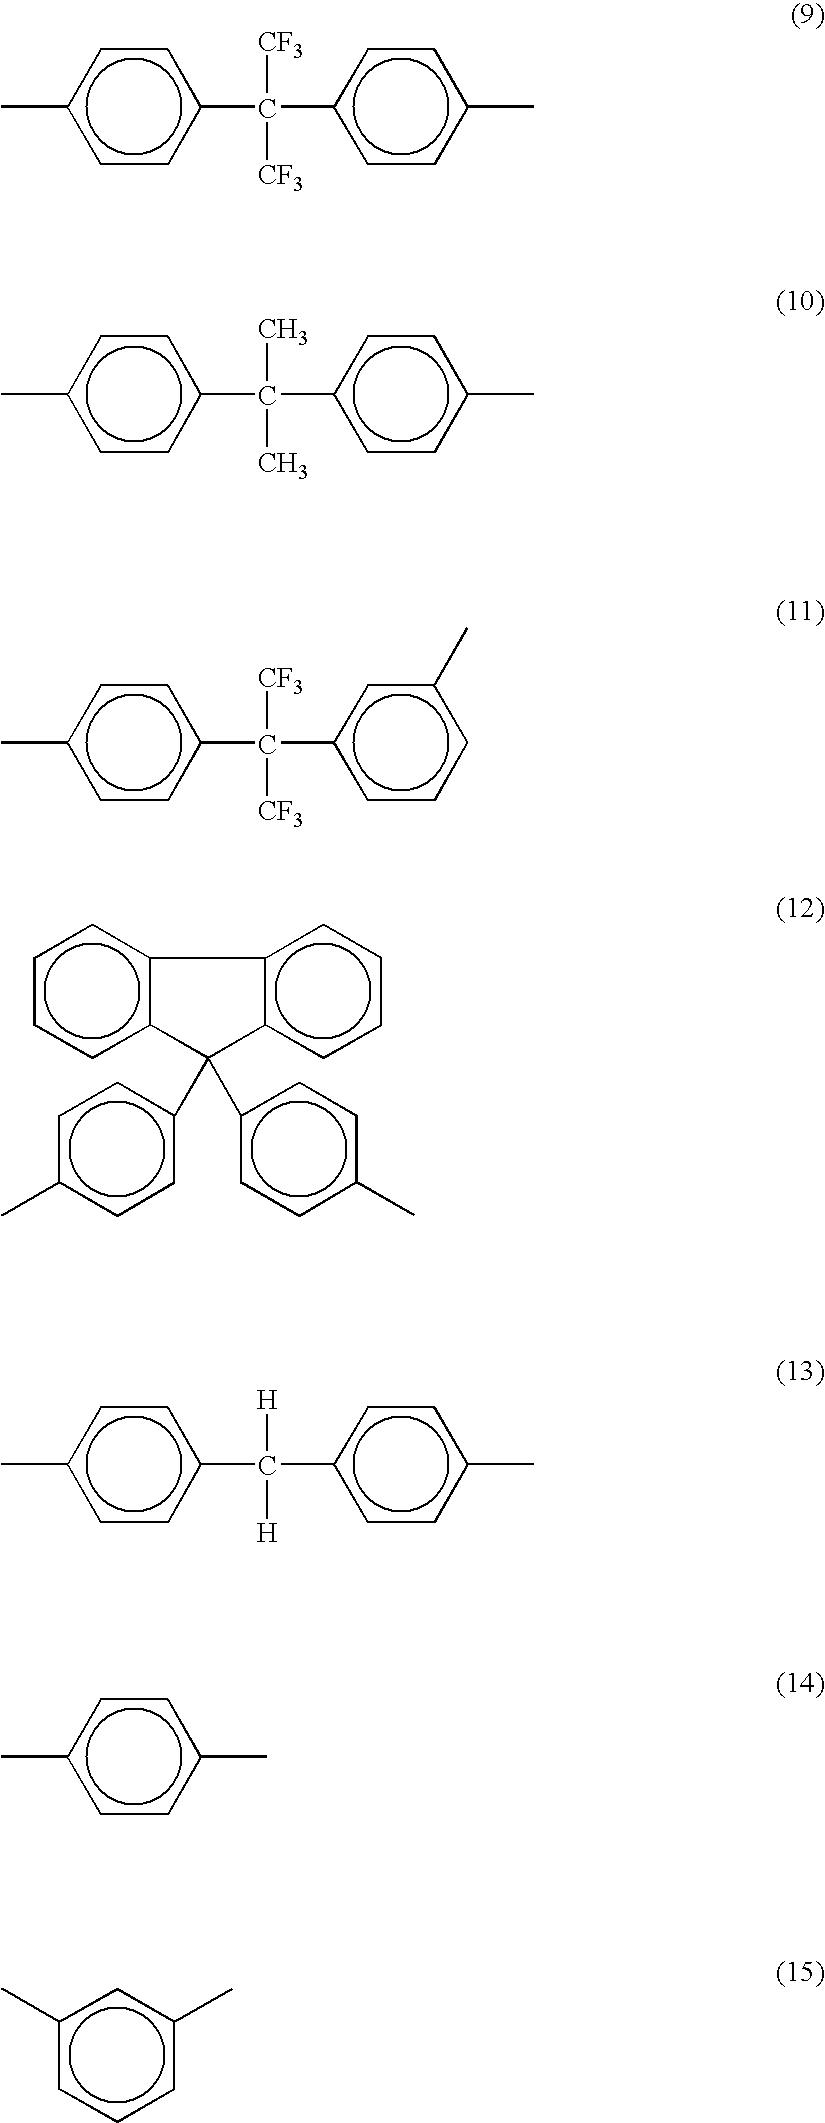 Figure US20060192913A1-20060831-C00007